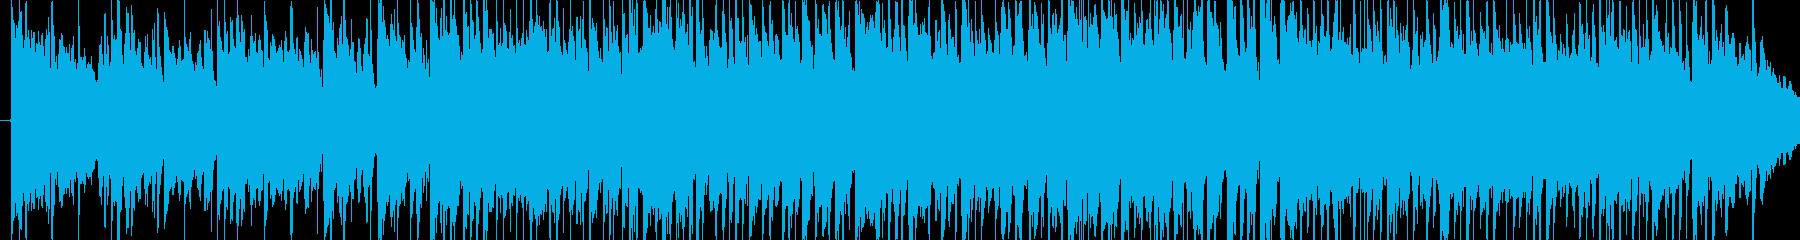 フルートの音色を基調にした優しい感じの…の再生済みの波形